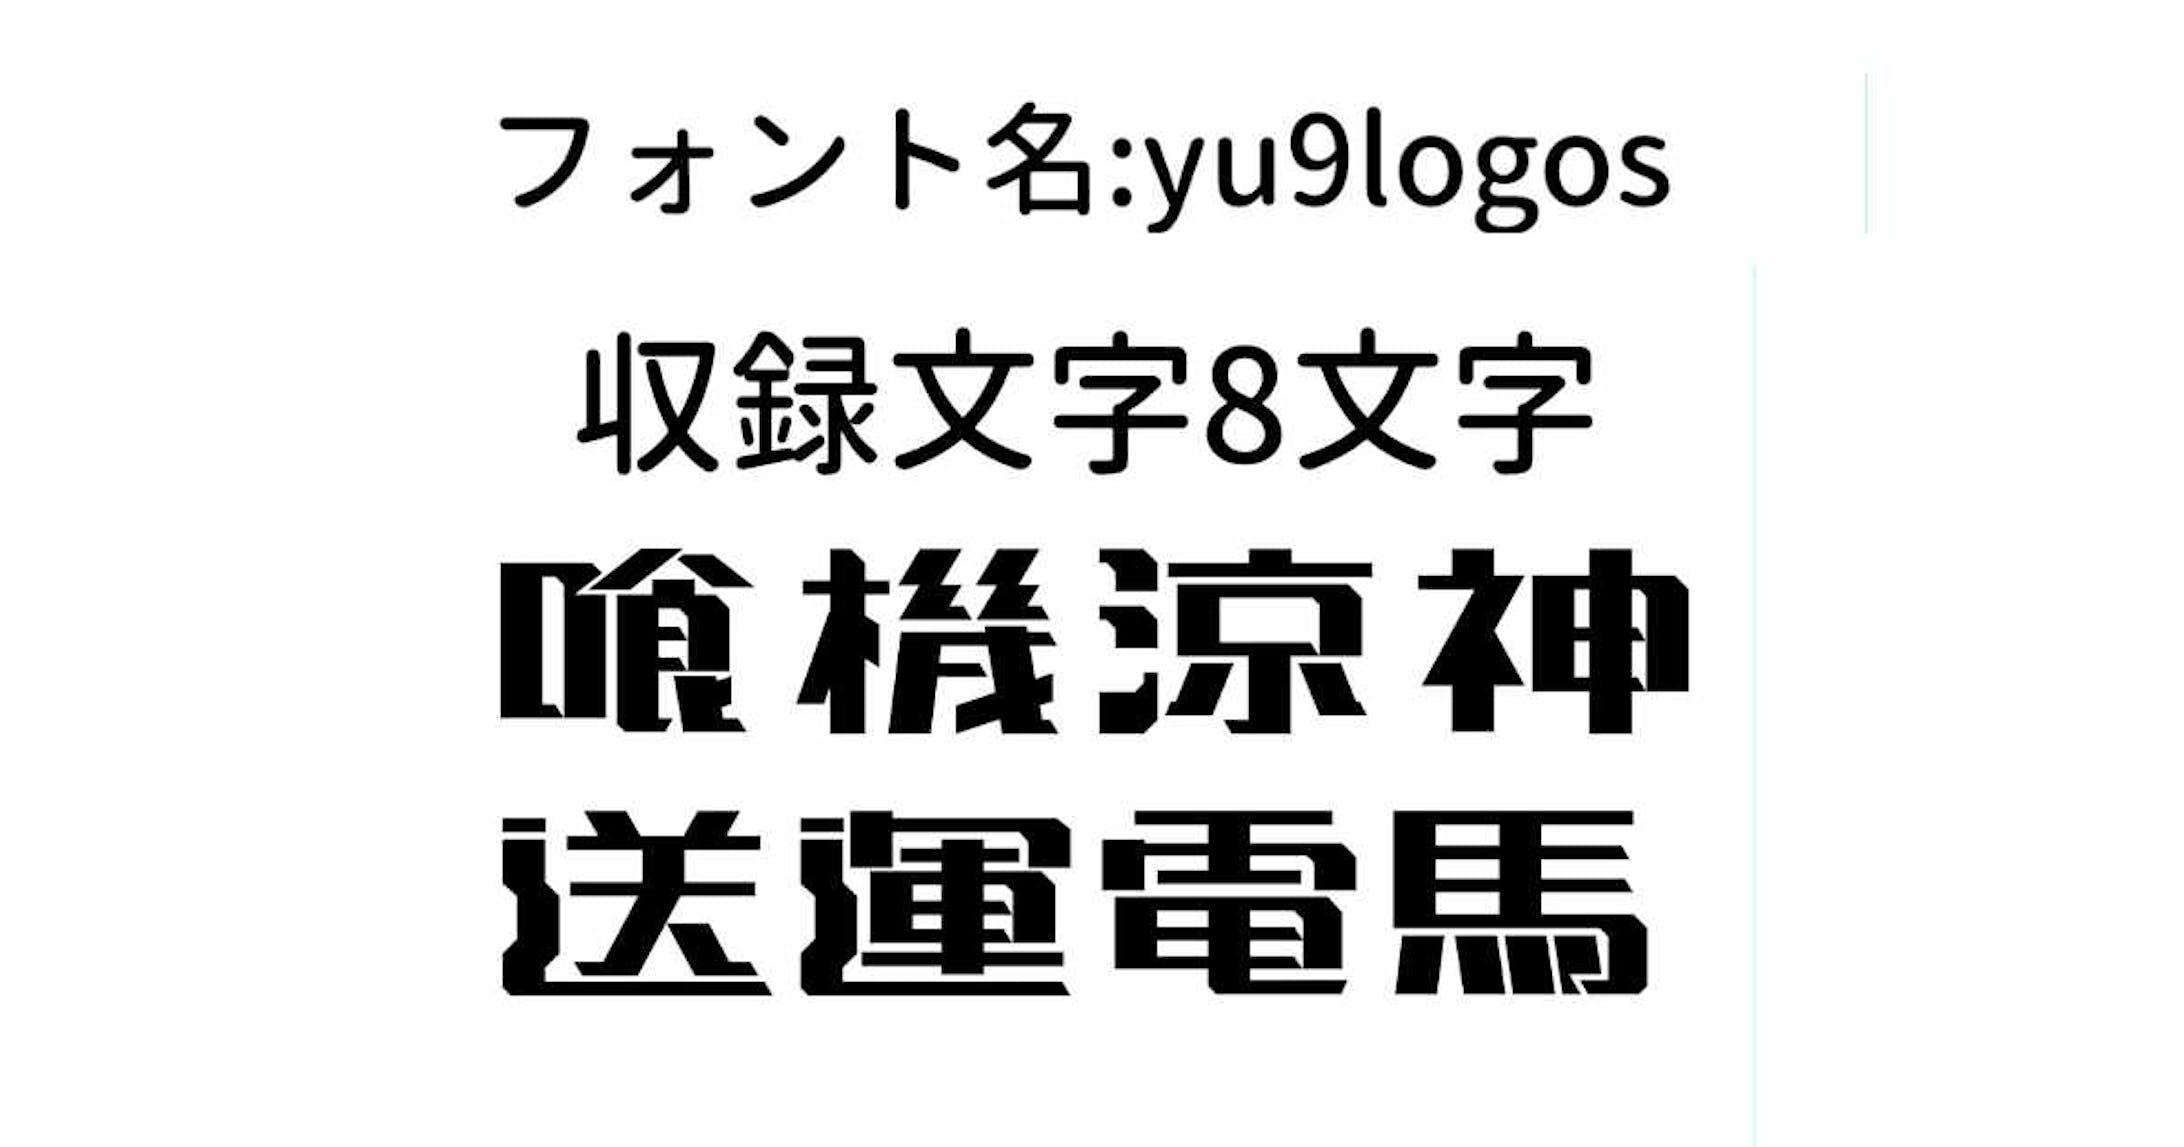 フォント yu9logos-1